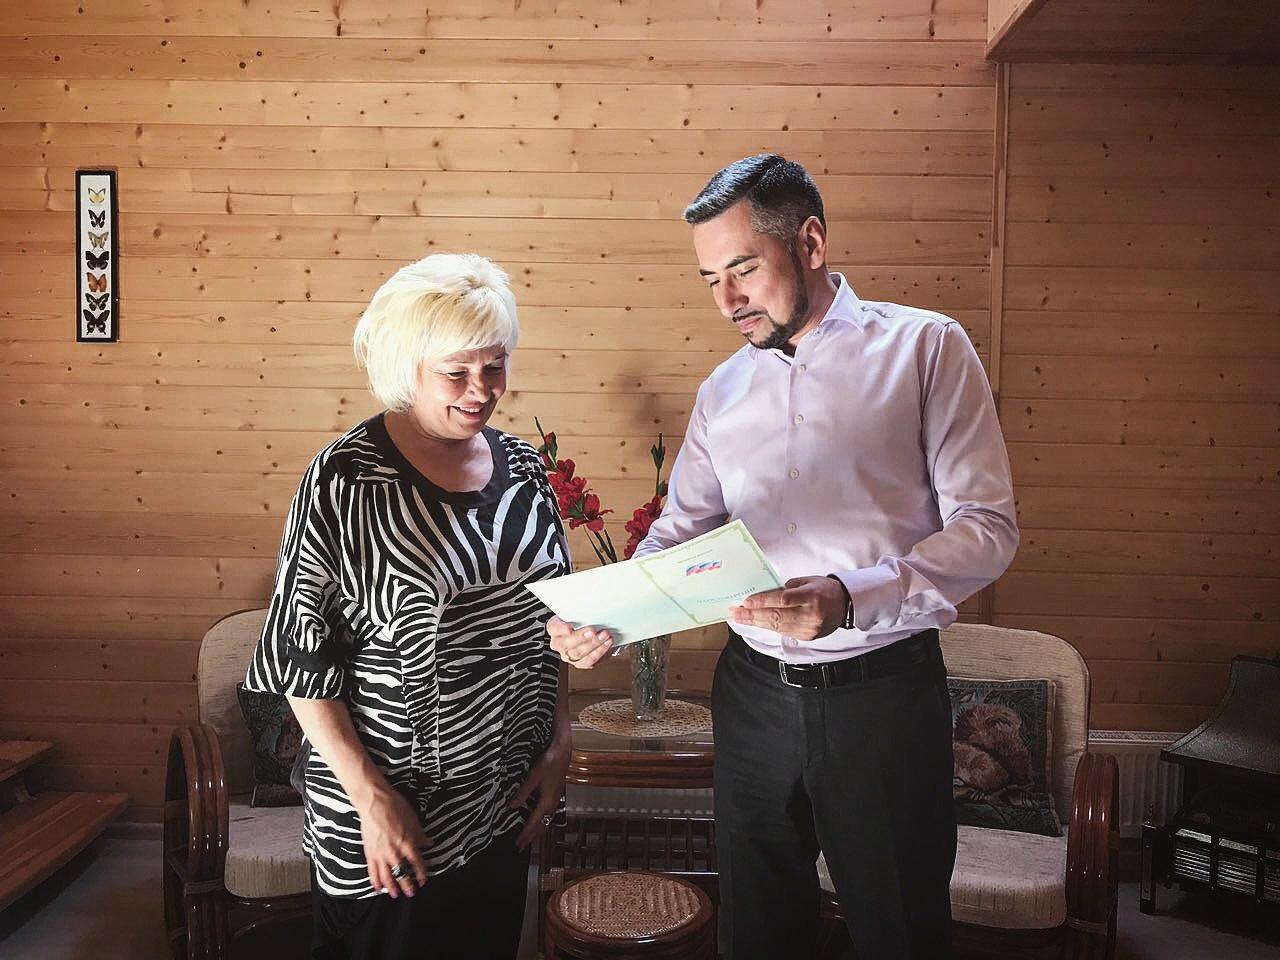 Ректор Университета Садоводов Рустам Мавланов вручает документы слушательнице